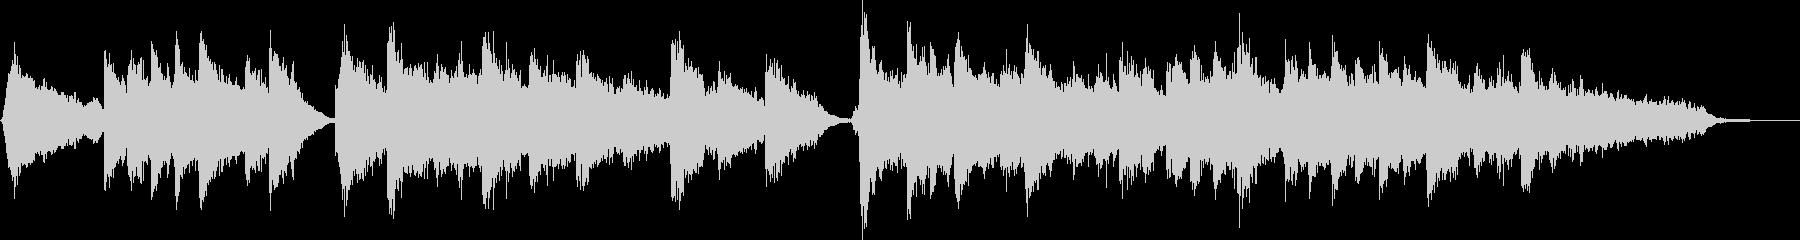 フルートとピアノのほのぼのBGMの未再生の波形